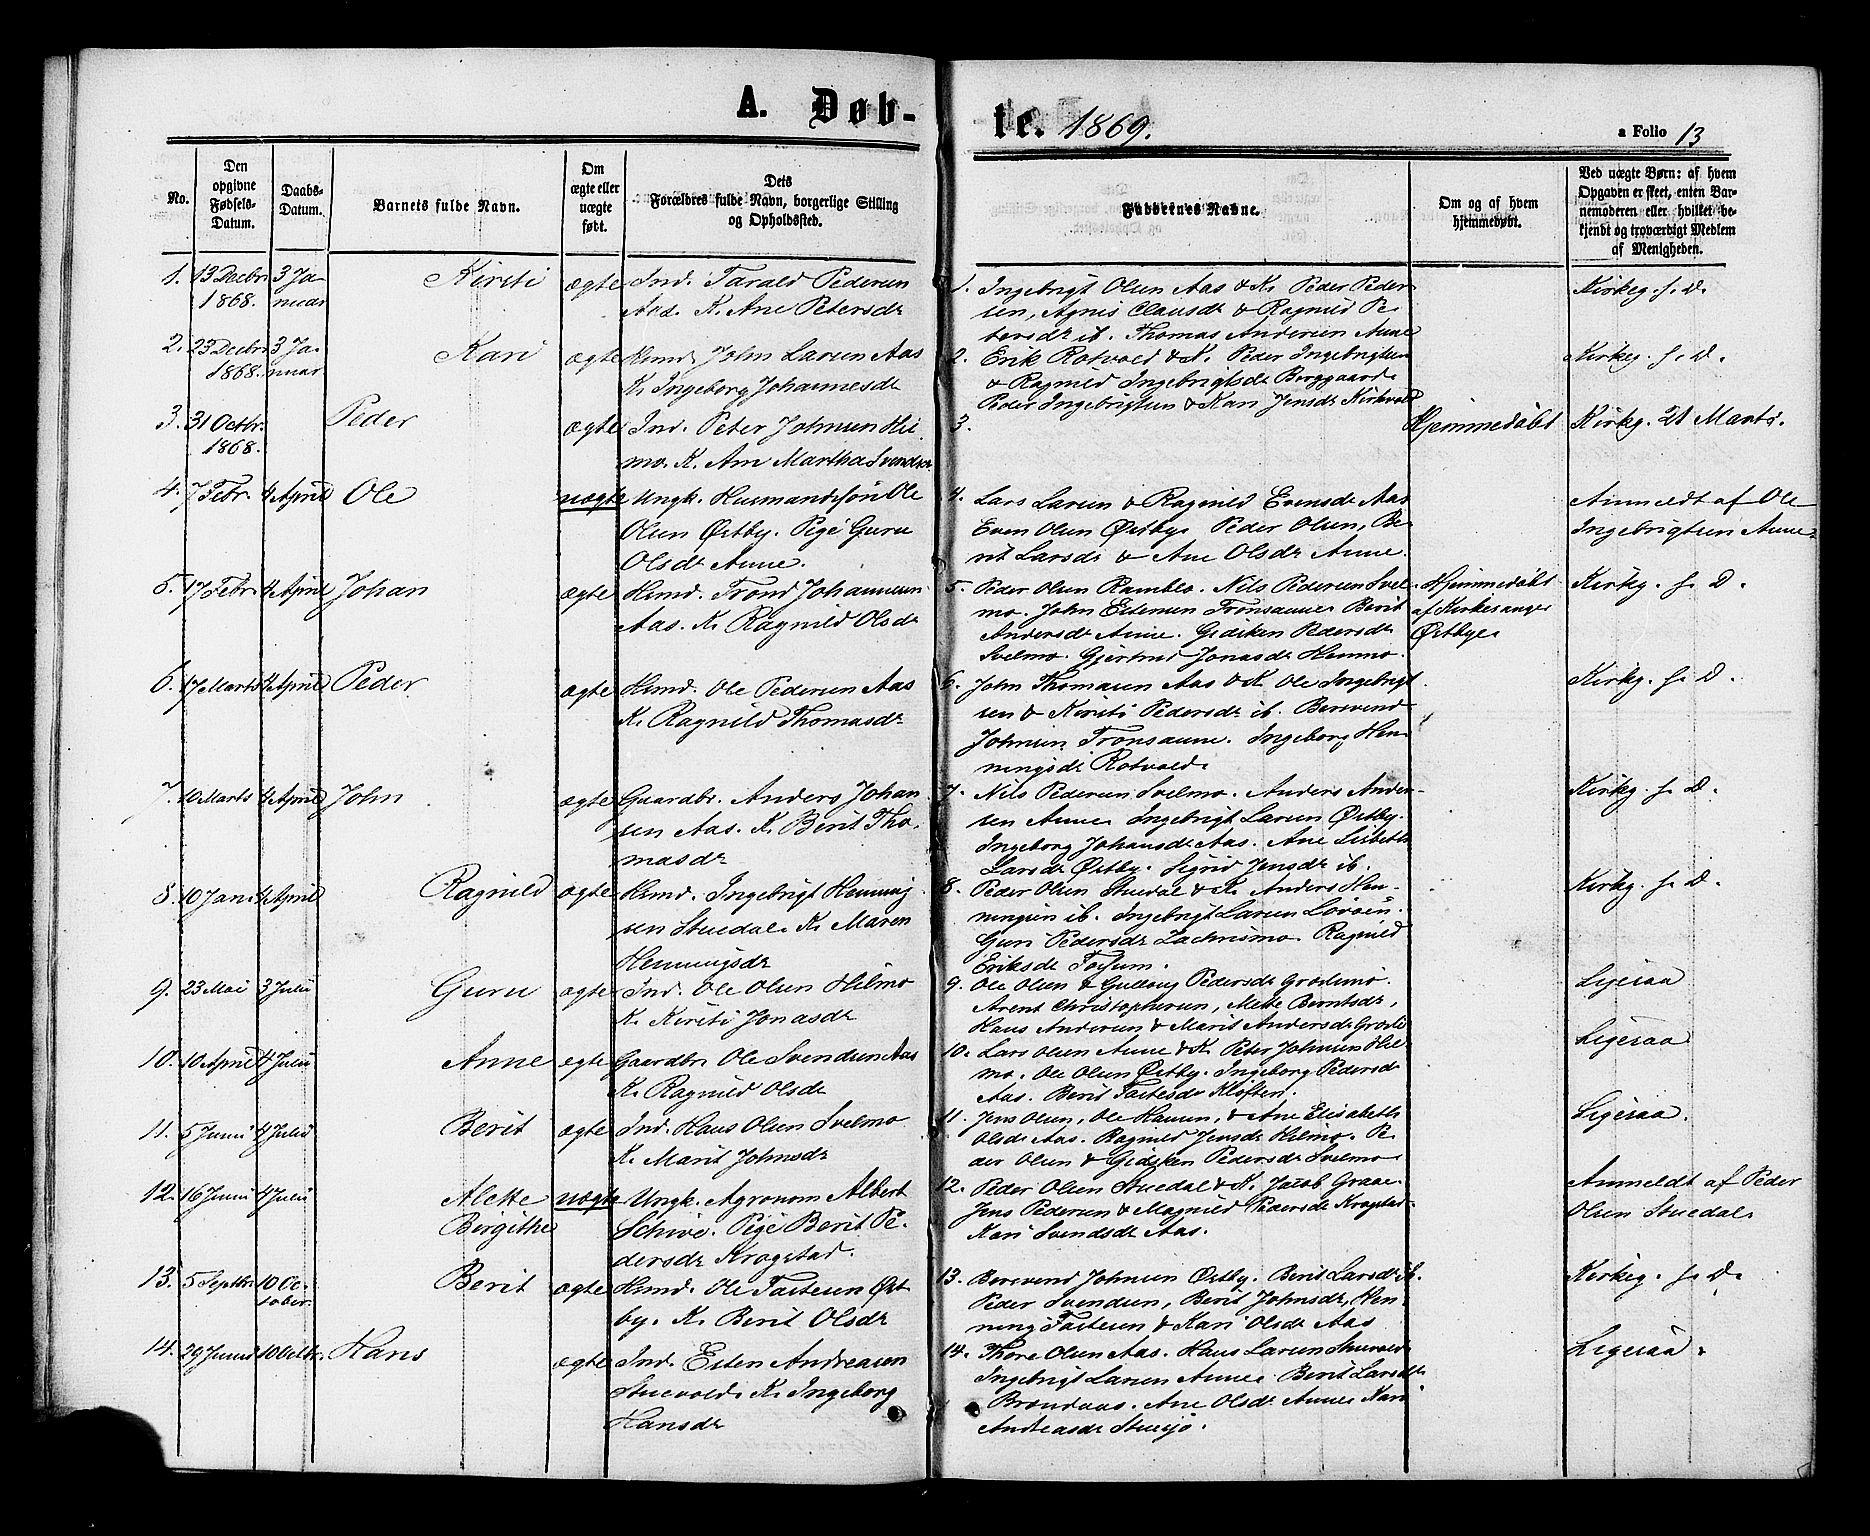 SAT, Ministerialprotokoller, klokkerbøker og fødselsregistre - Sør-Trøndelag, 698/L1163: Ministerialbok nr. 698A01, 1862-1887, s. 13